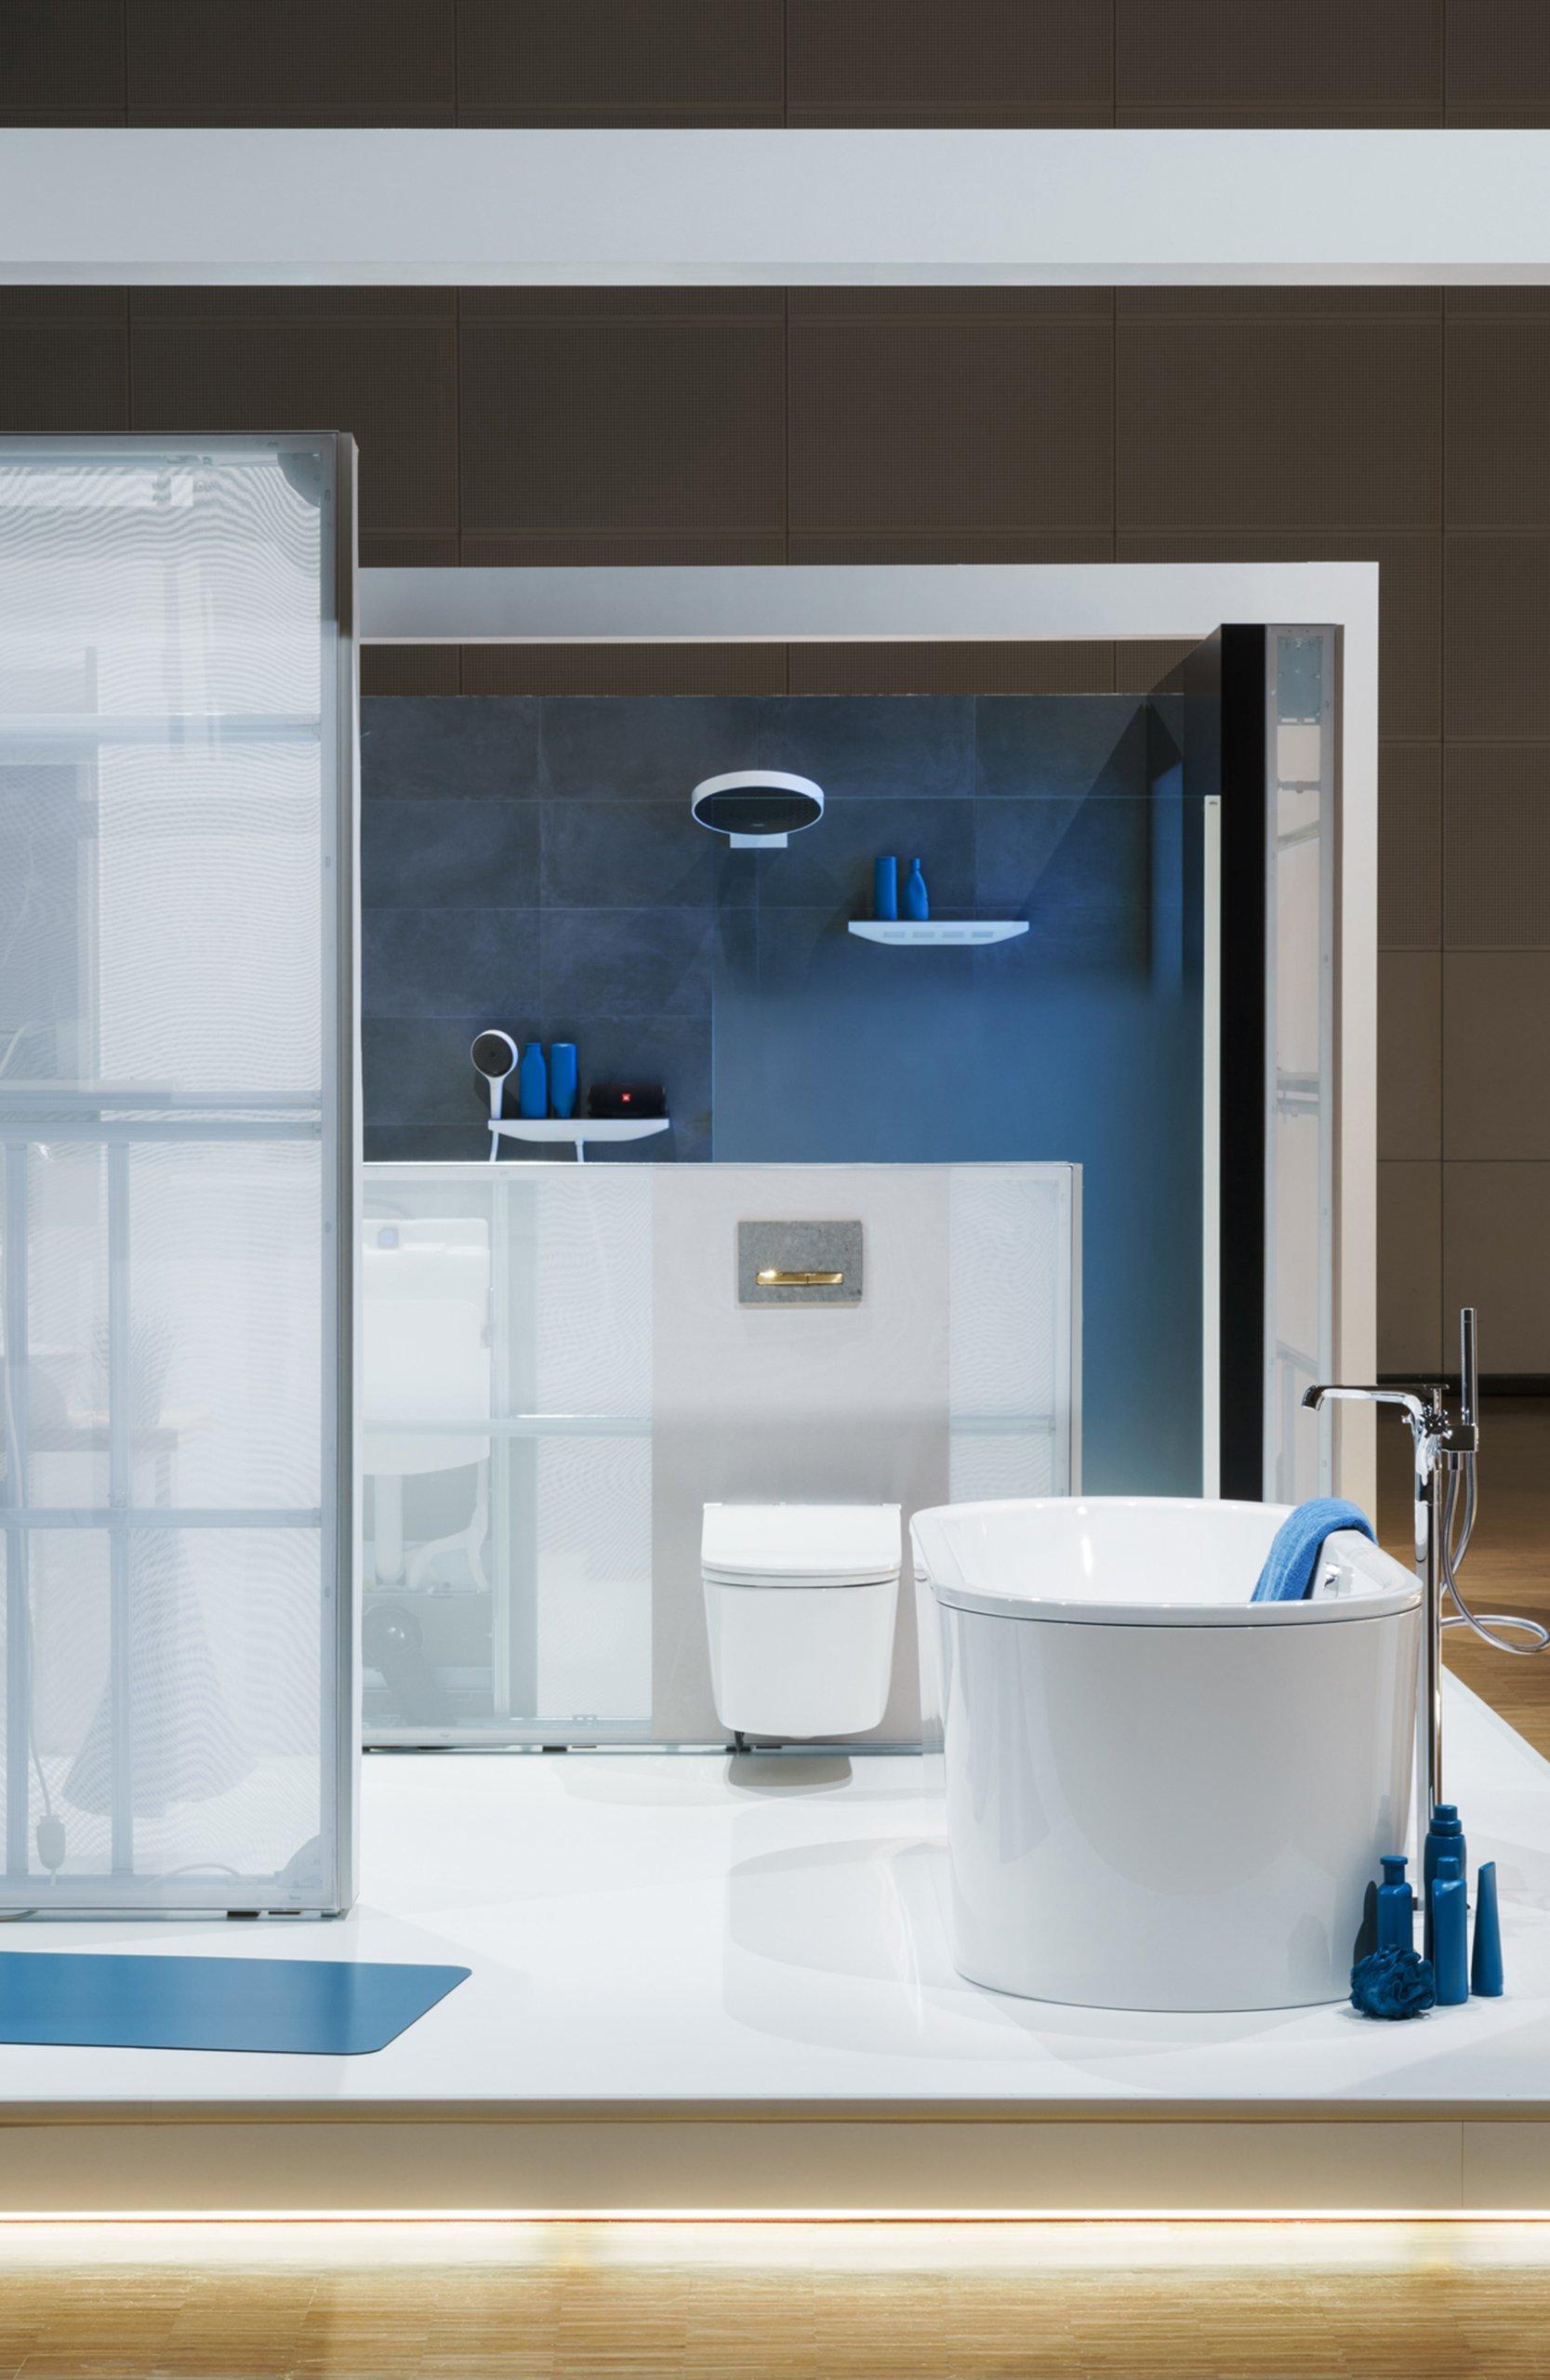 https://farconsulting.de/wp-content/uploads/2021/05/041_Pop-up-my-Bathroom_ISH-digital-2021.jpg